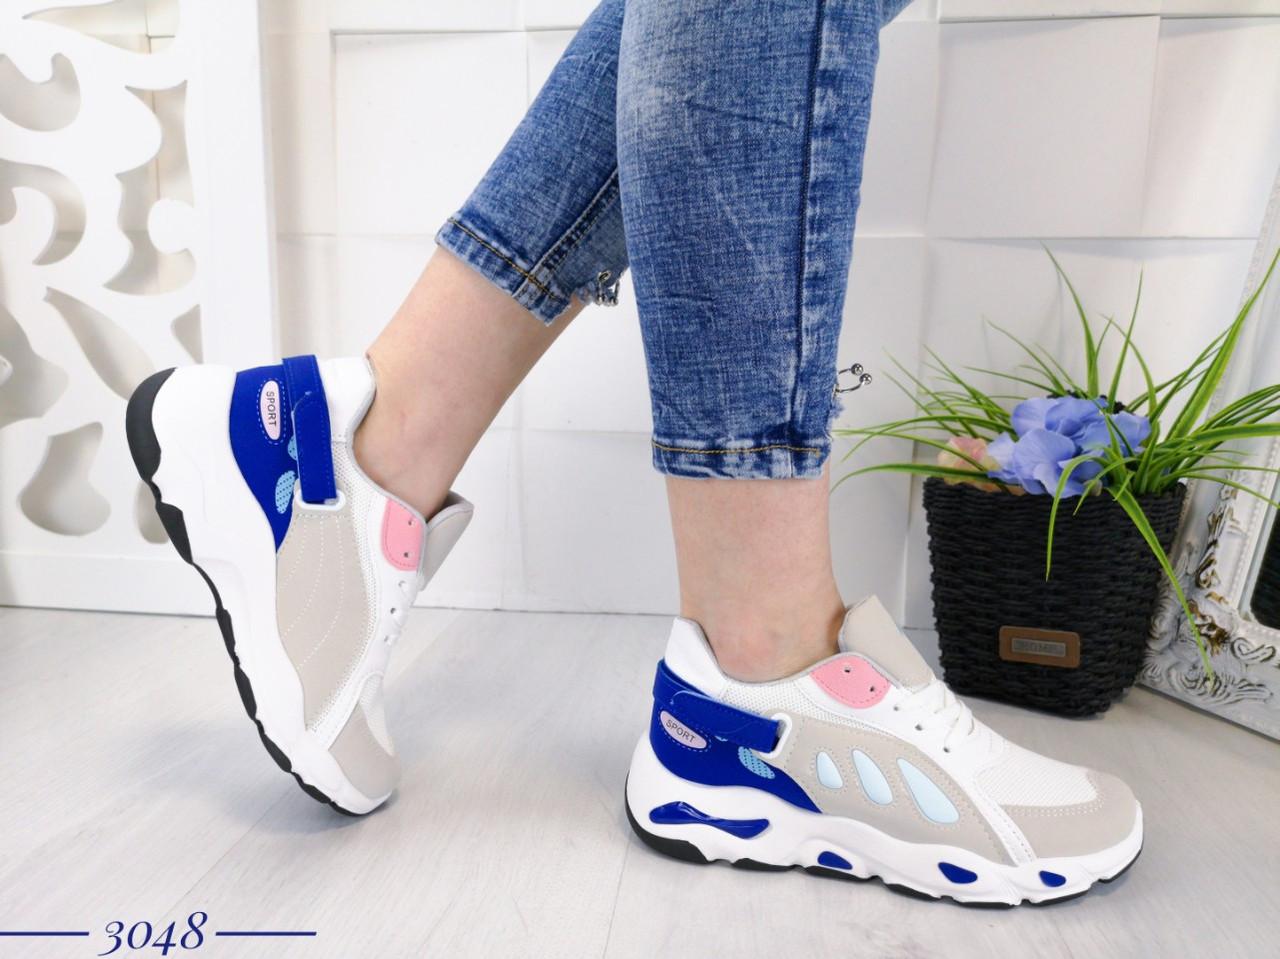 Стильные кроссовки женские белые - серые с синим эко-кожа+текстиль